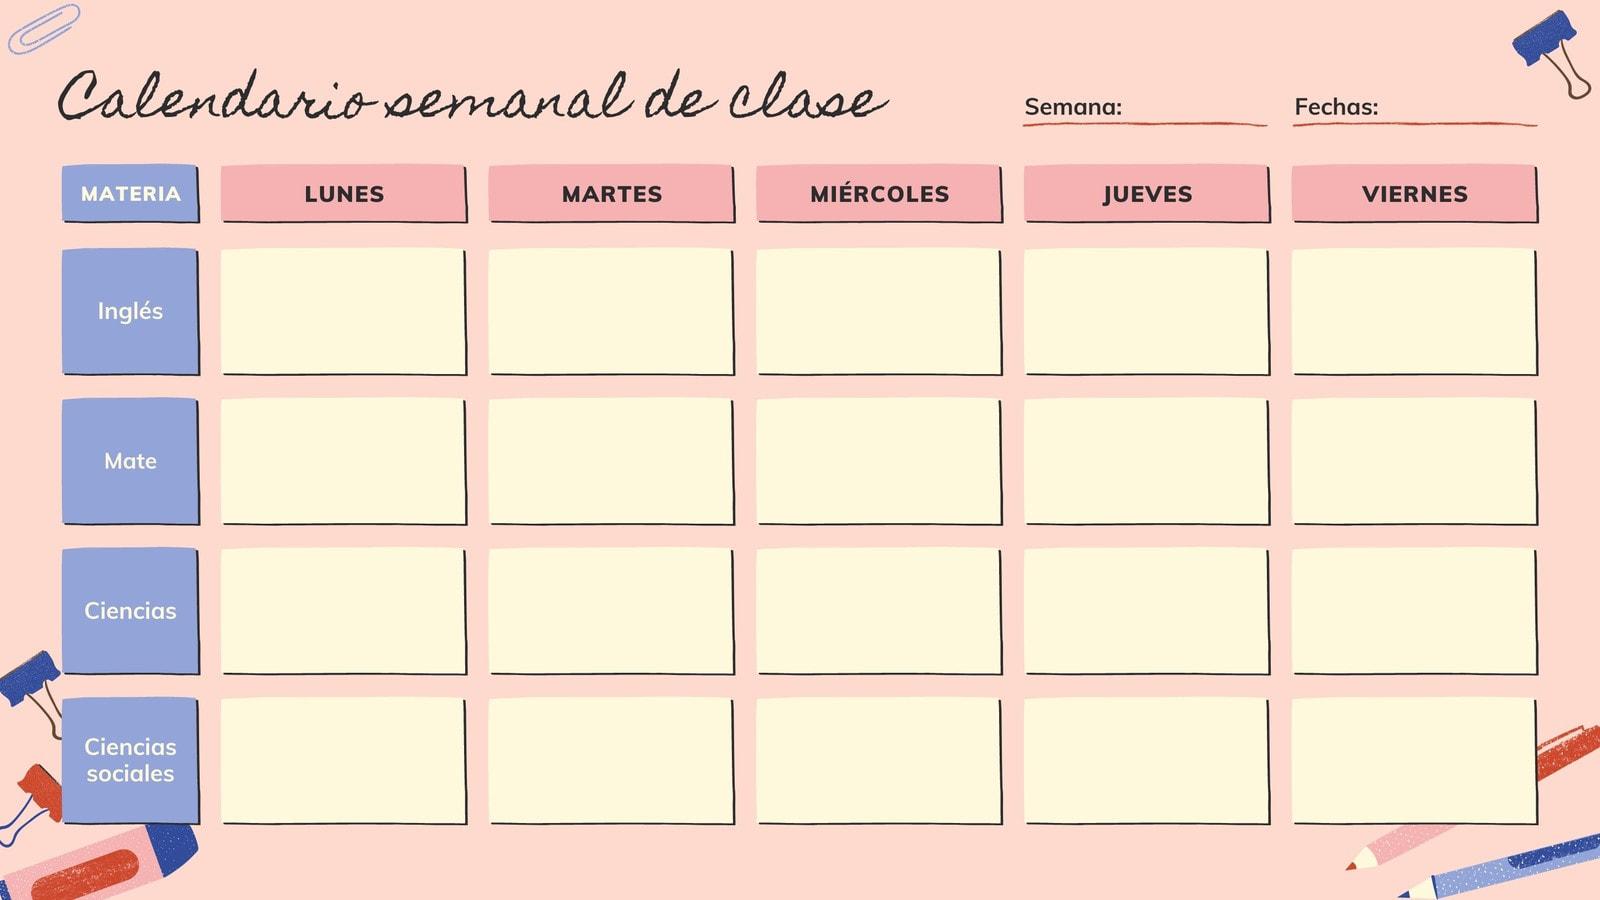 Rosa y Crema Ilustración Calendario Semanal de Clases en Blanco